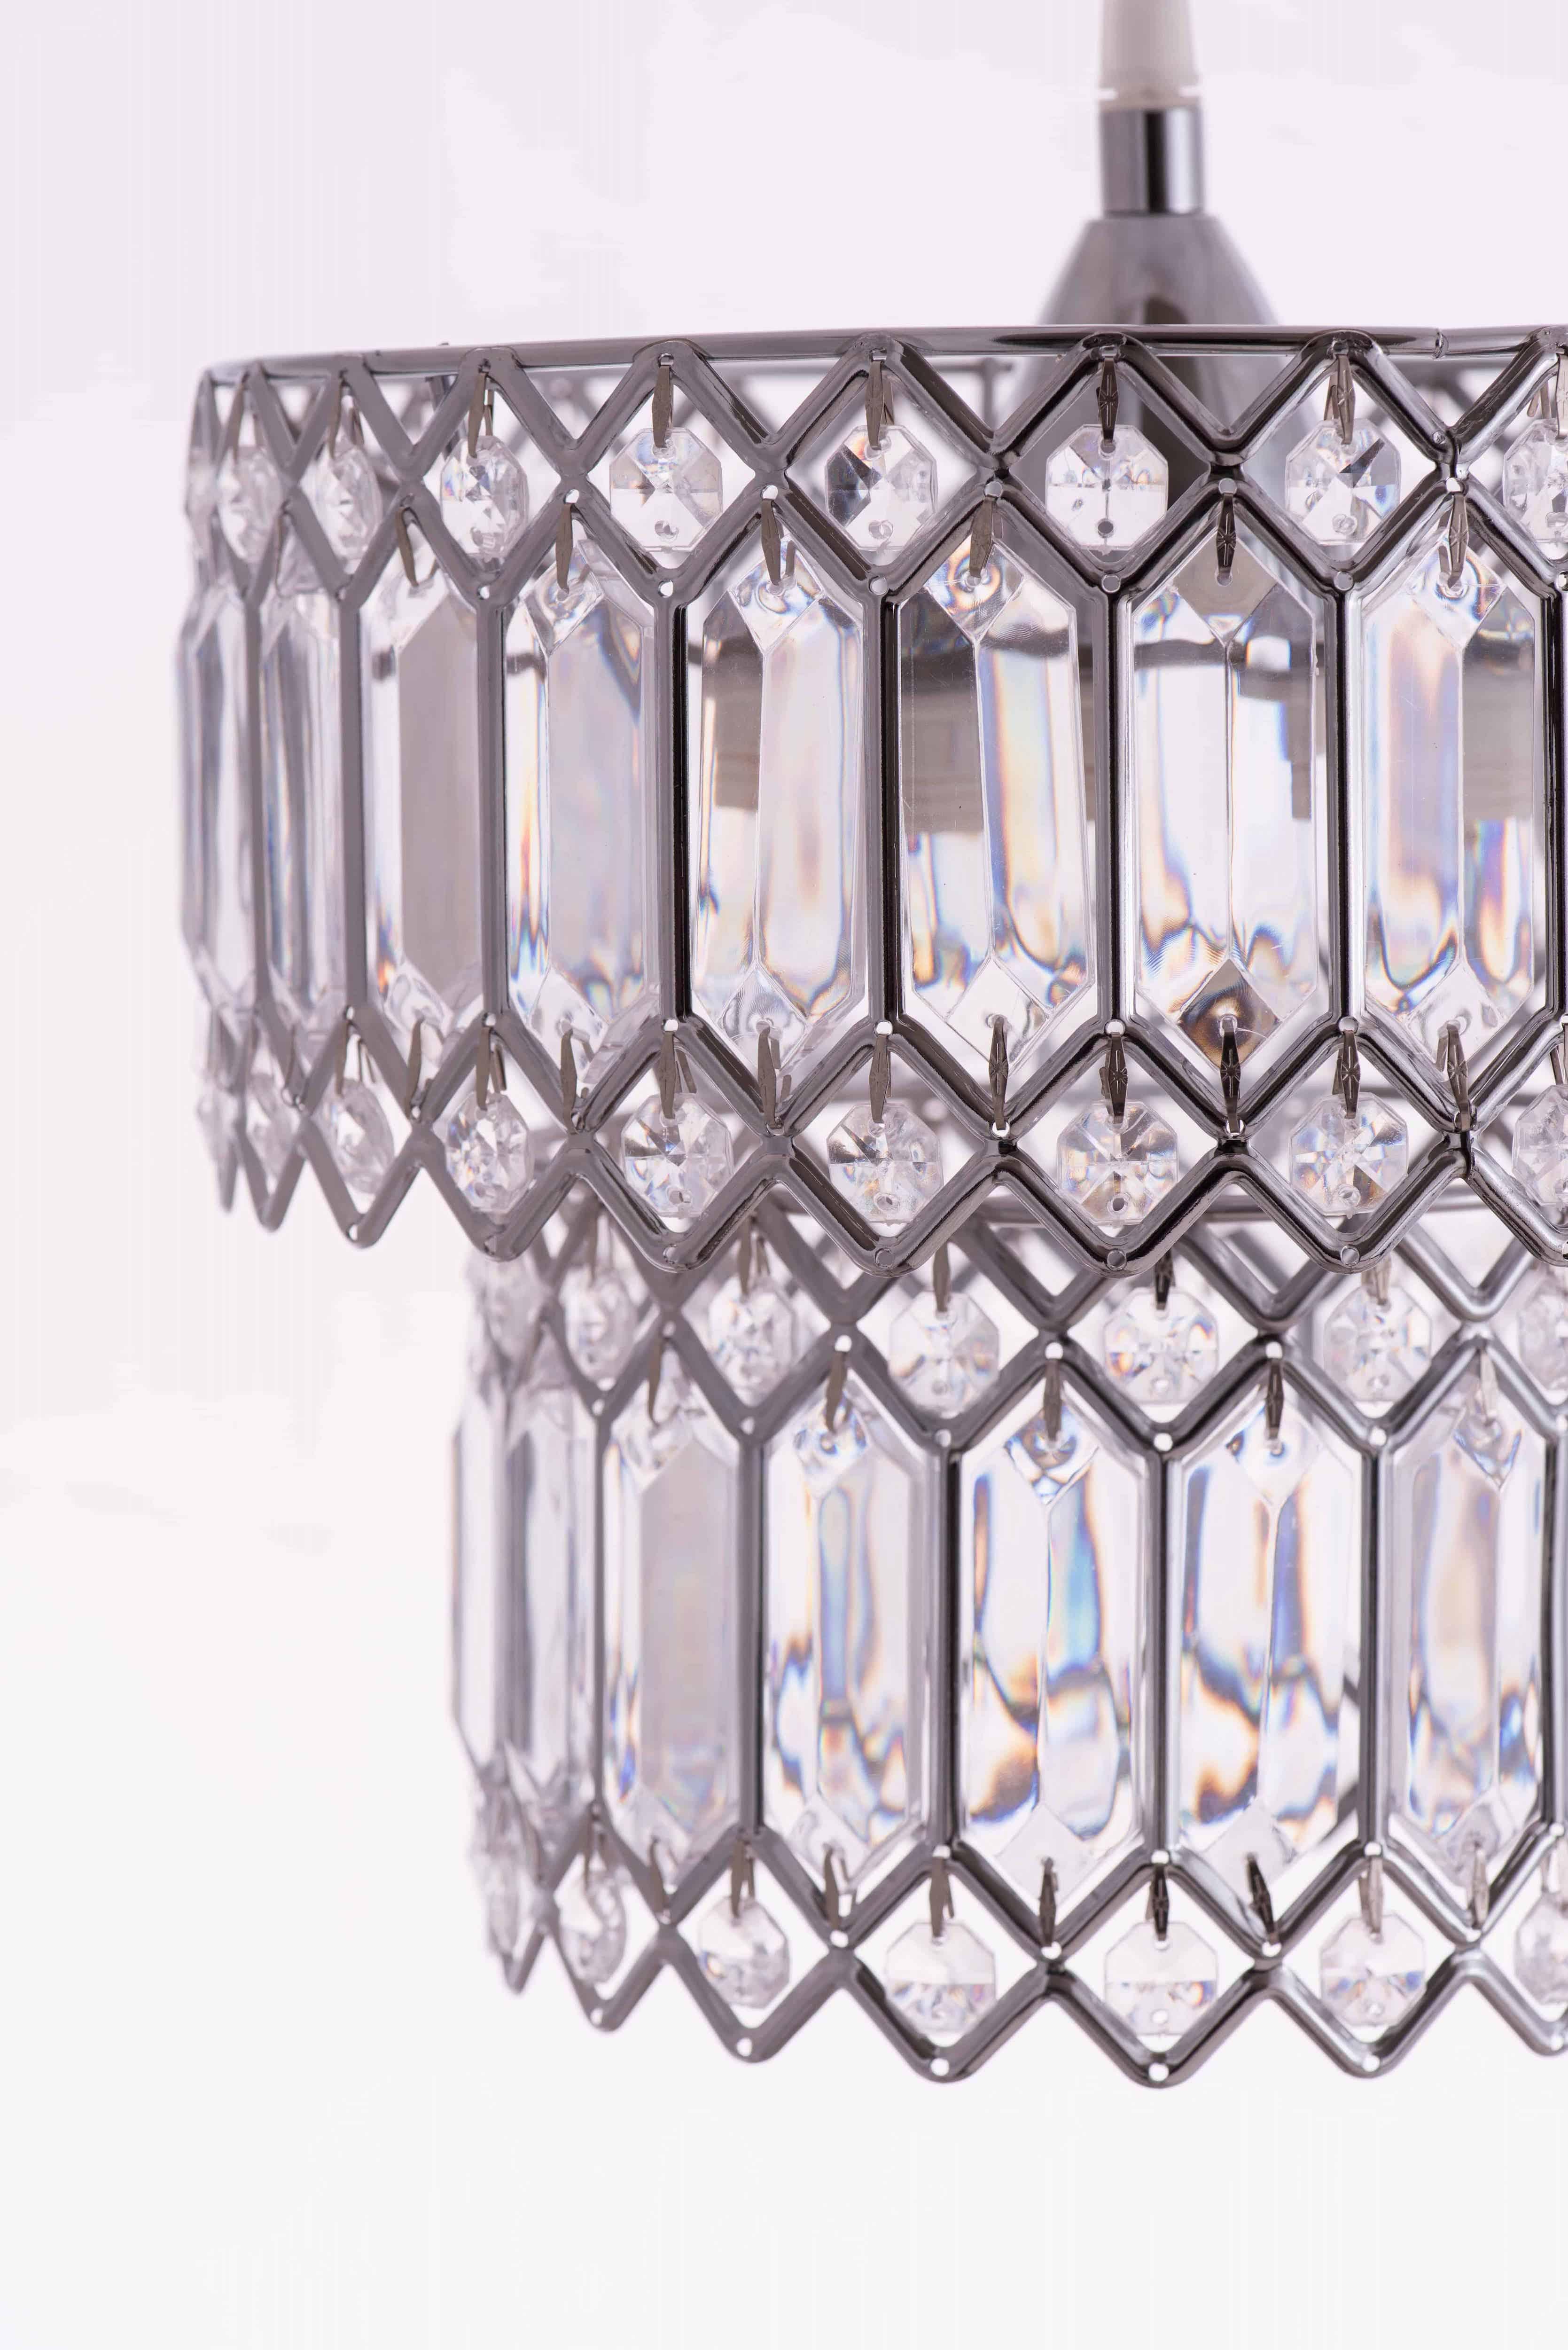 鍍鉻銀鐵花邊透明壓克立吊燈-BNL00056 2